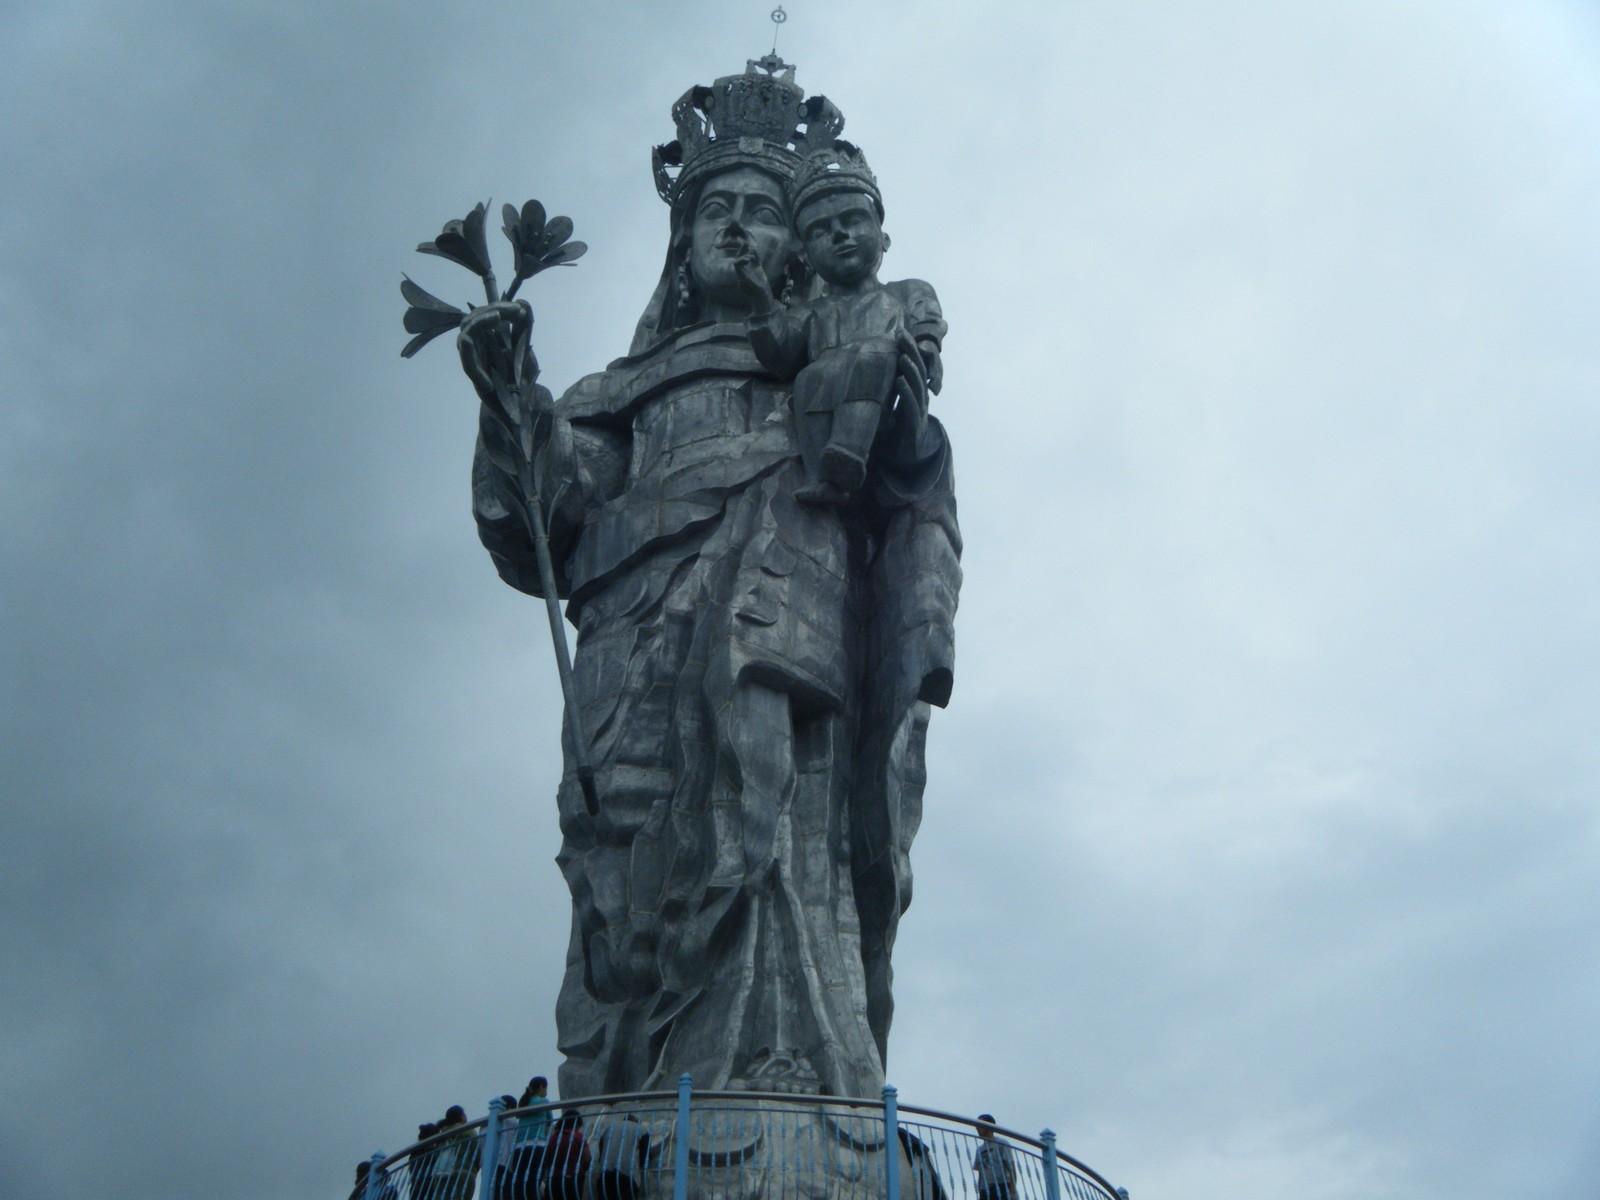 María Apareció entre las Nubes: Nuestra Señora de la Nube, Ecuador (1º de enero)